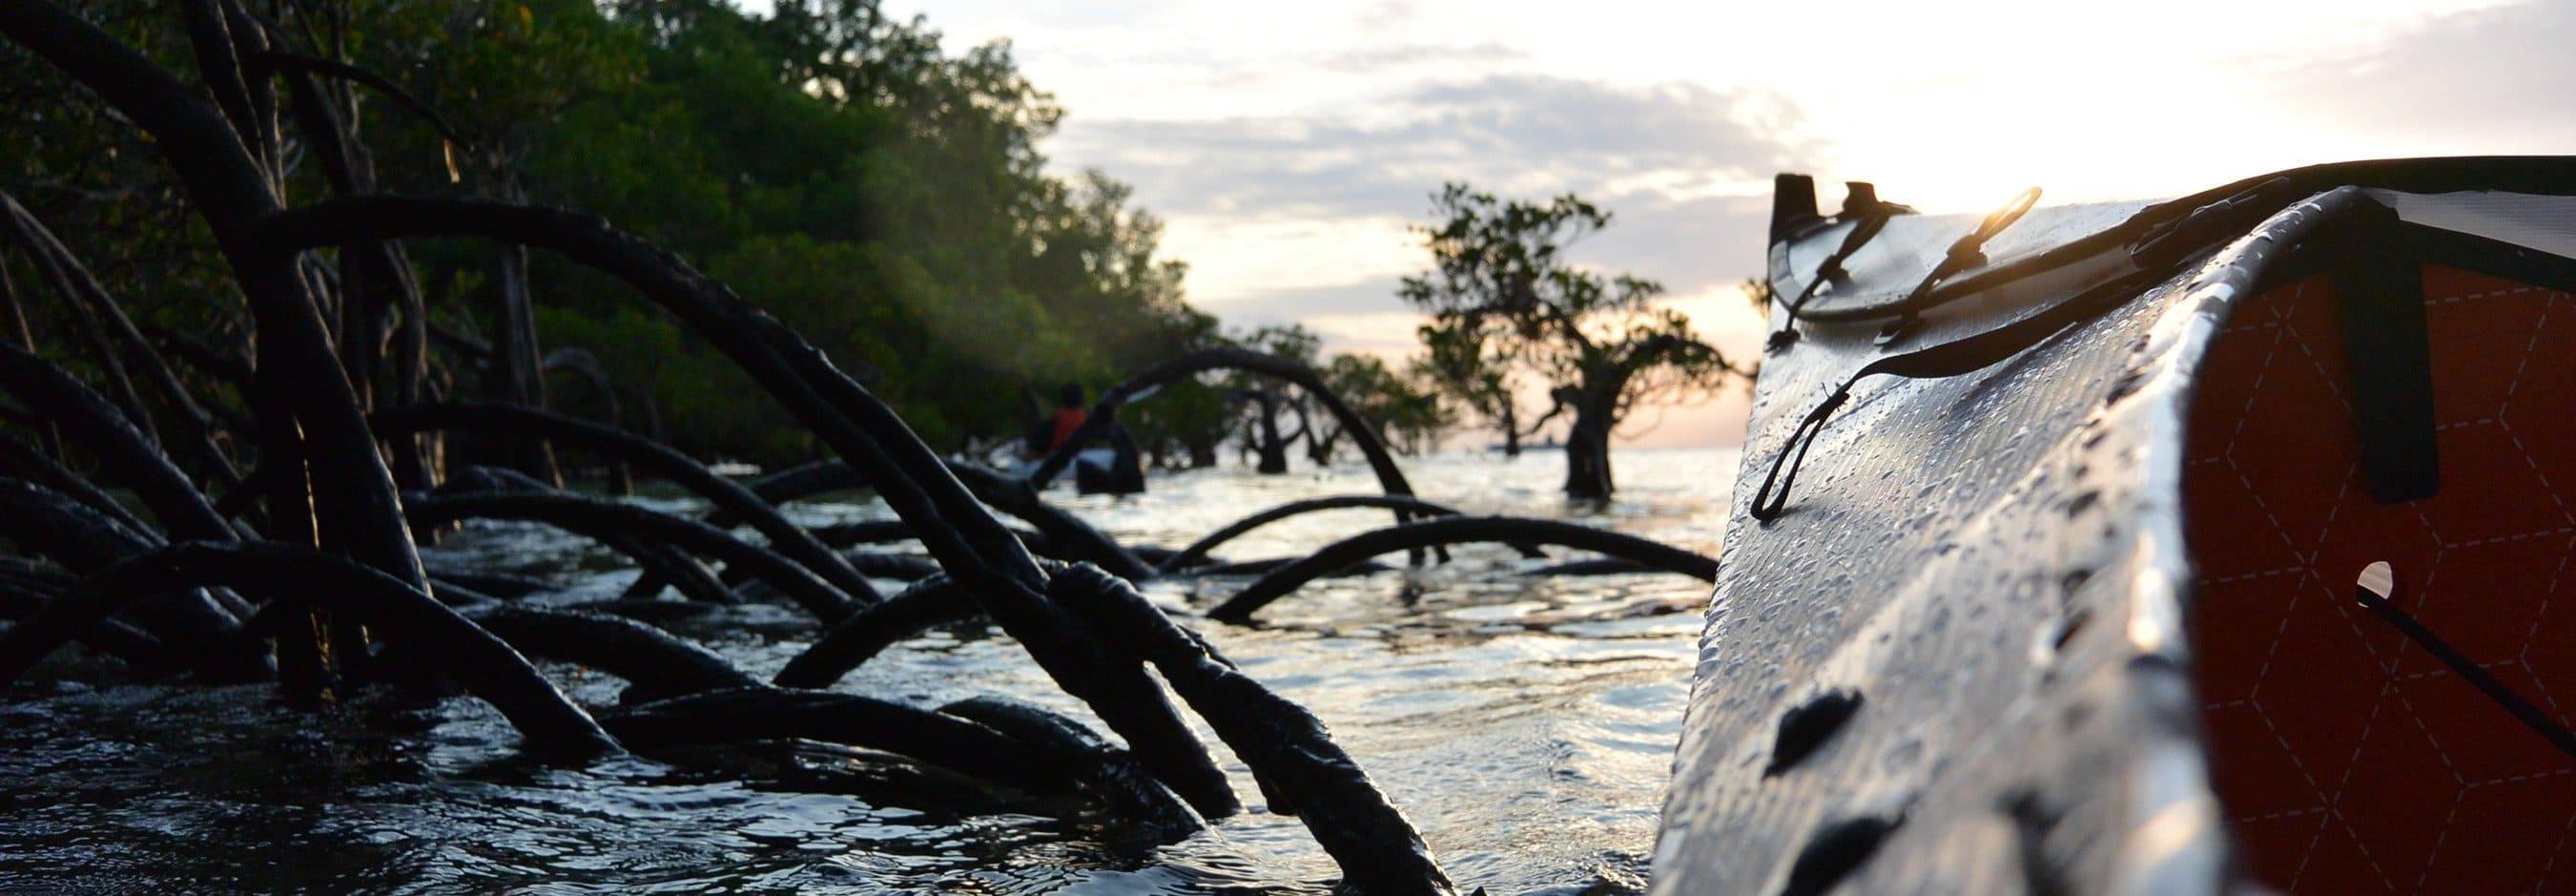 Oru Kayak paddling around mangroves